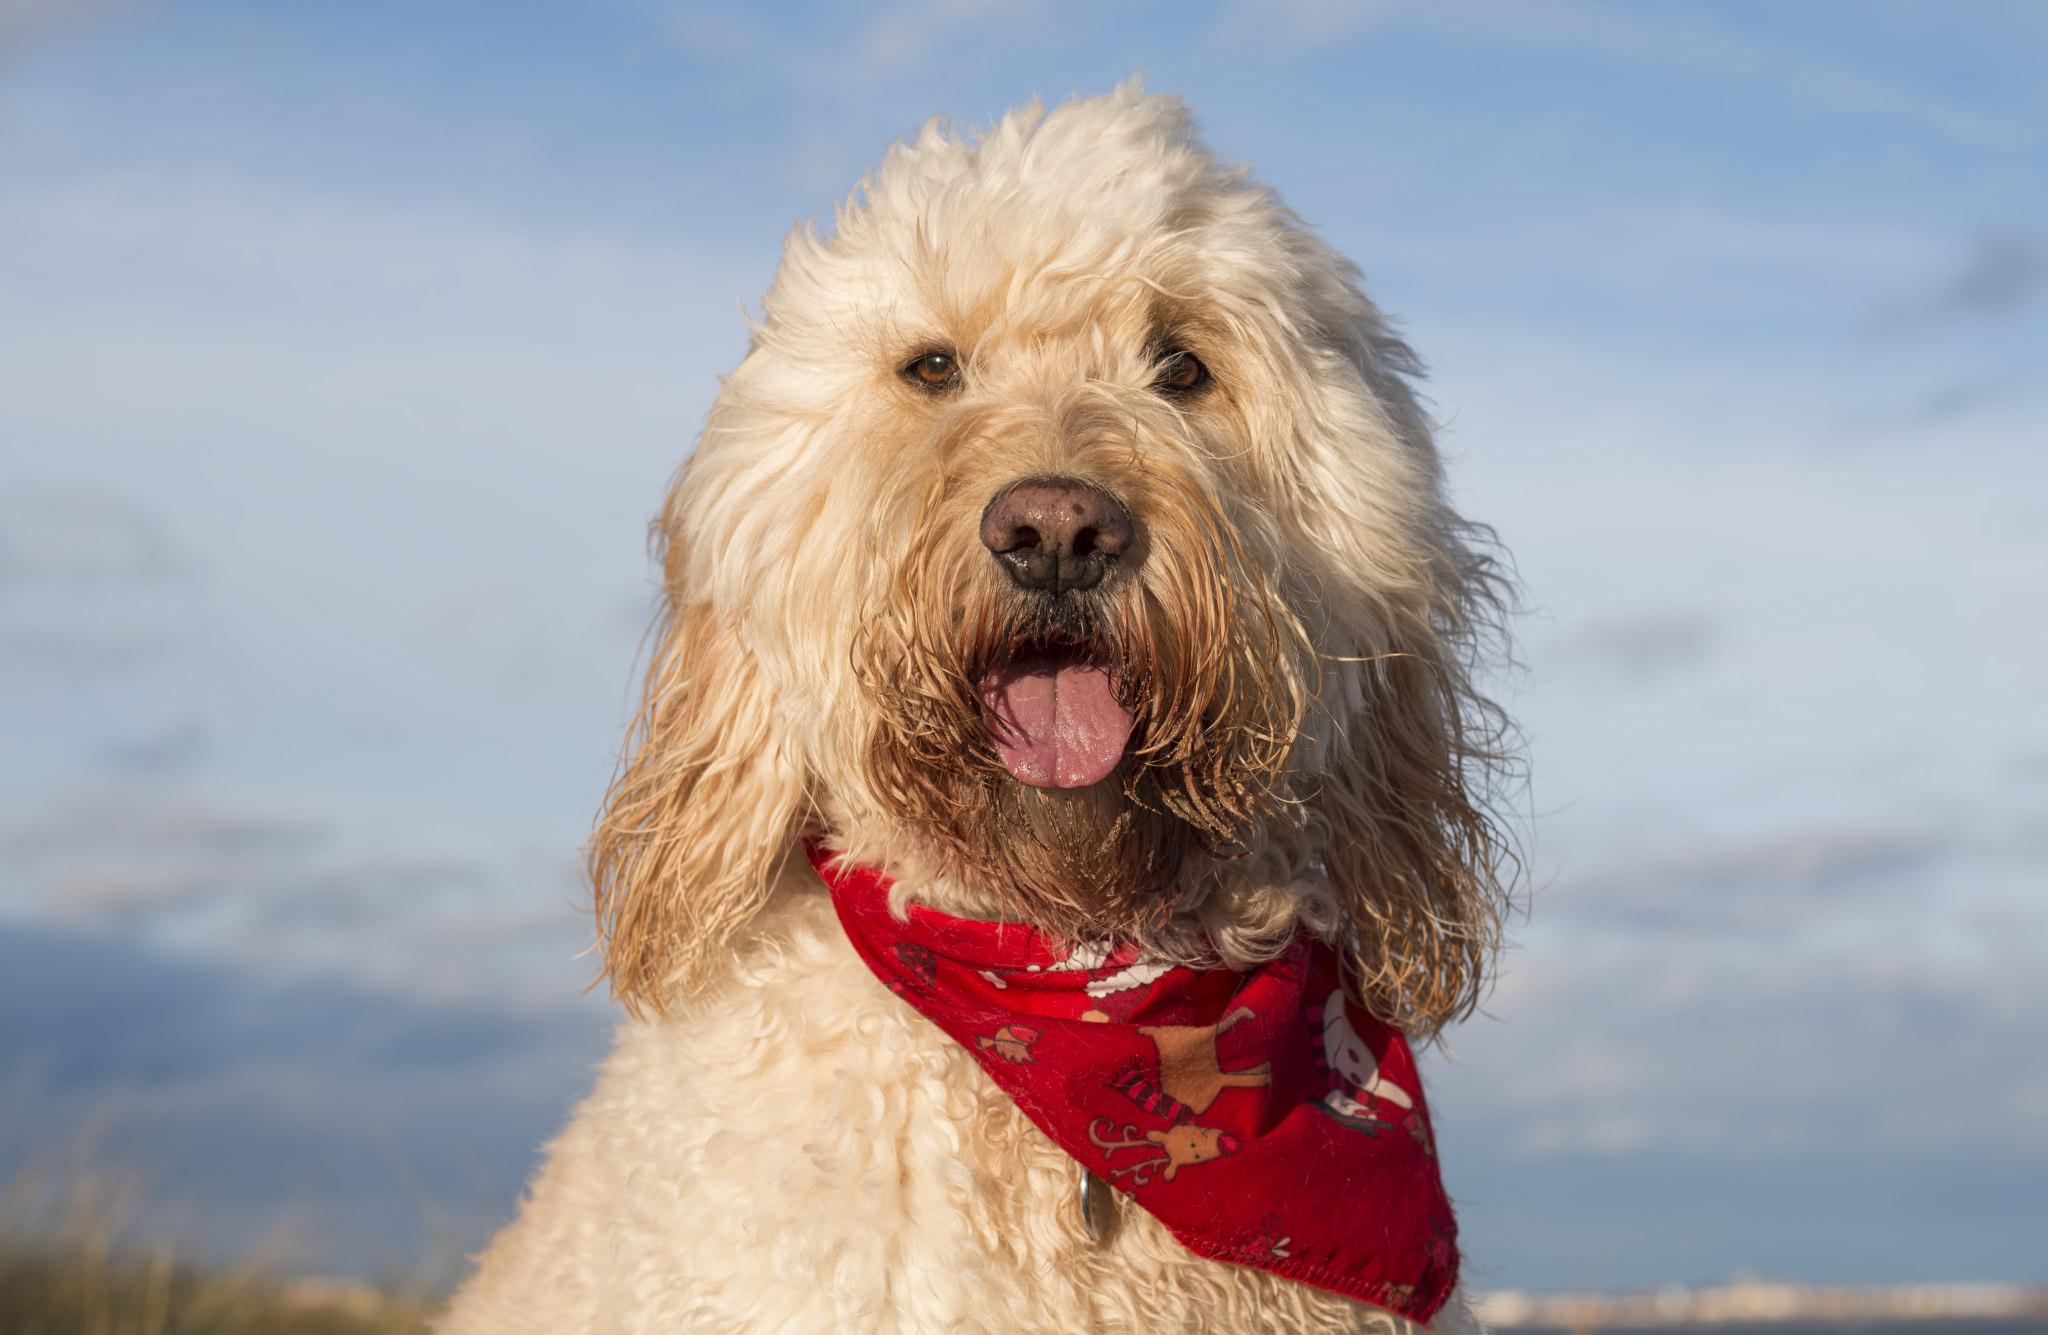 Fotografías de perros - 2048x1335